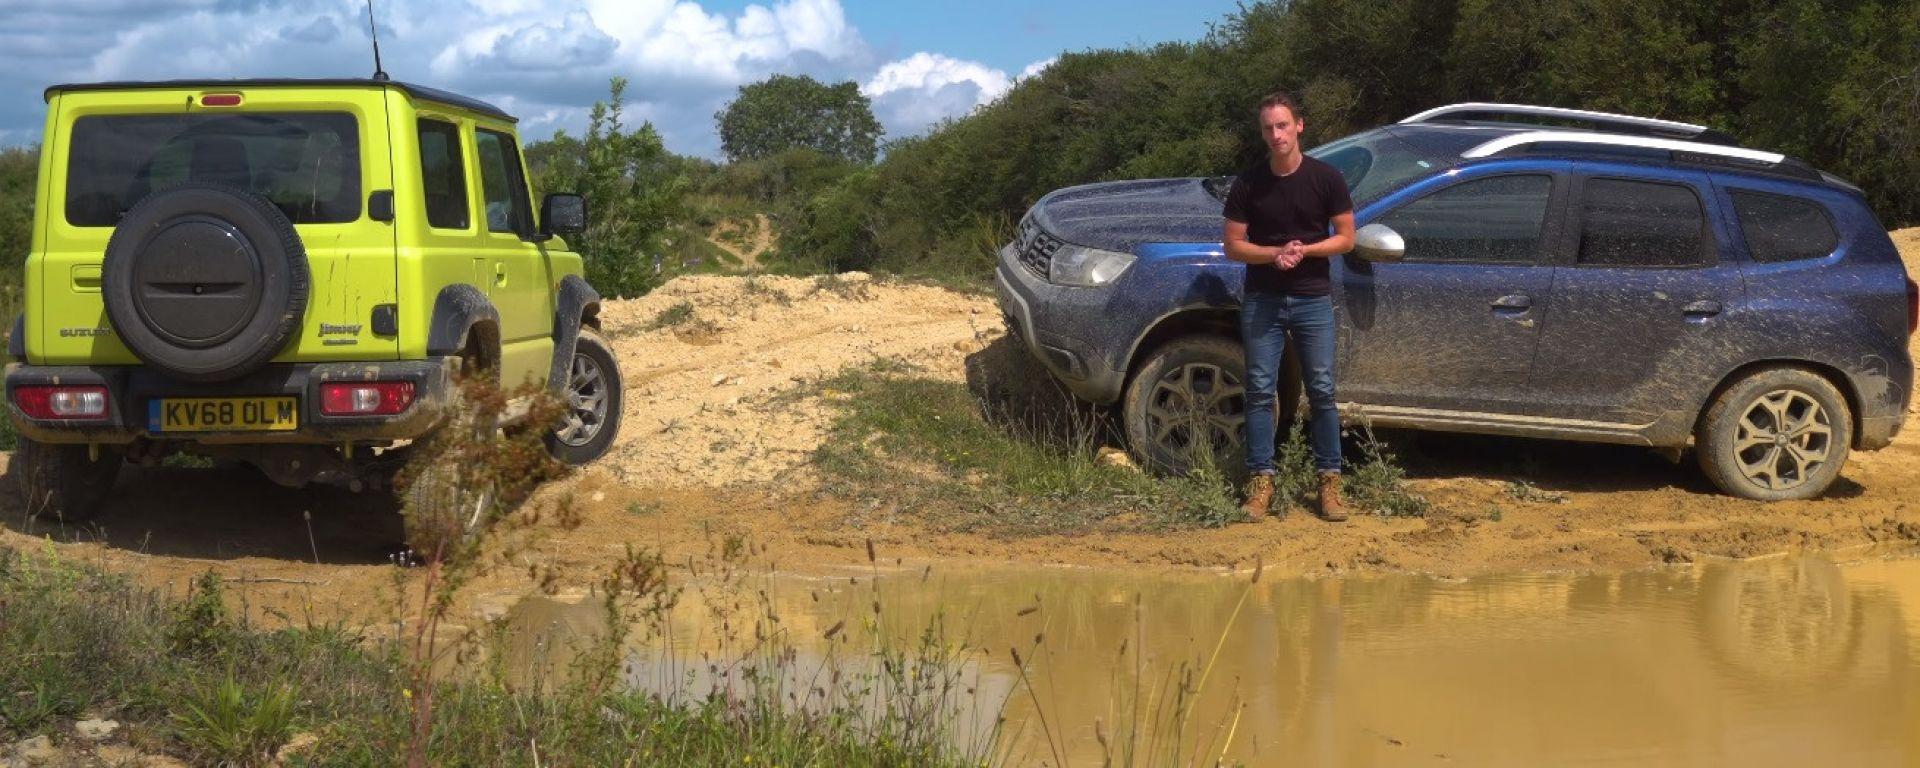 Suzuki Jimny e Dacia Duster: sfida tra 4x4 low cost